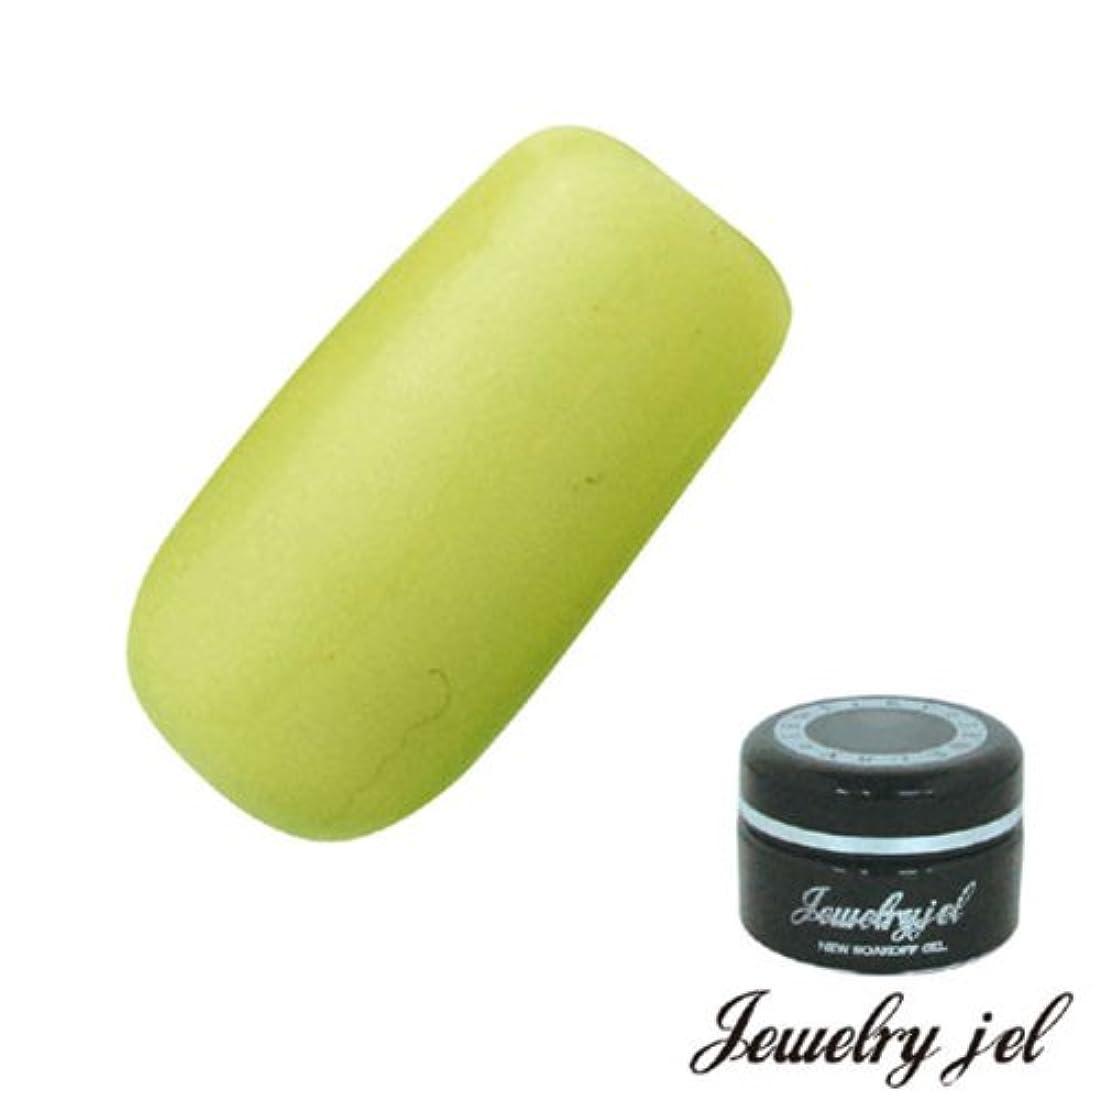 首最大限海里ジュエリージェル ジェルネイル カラージェル SG203 3.5g ライムグリーン パール入り UV/LED対応  ソークオフジェル ライムグリーン